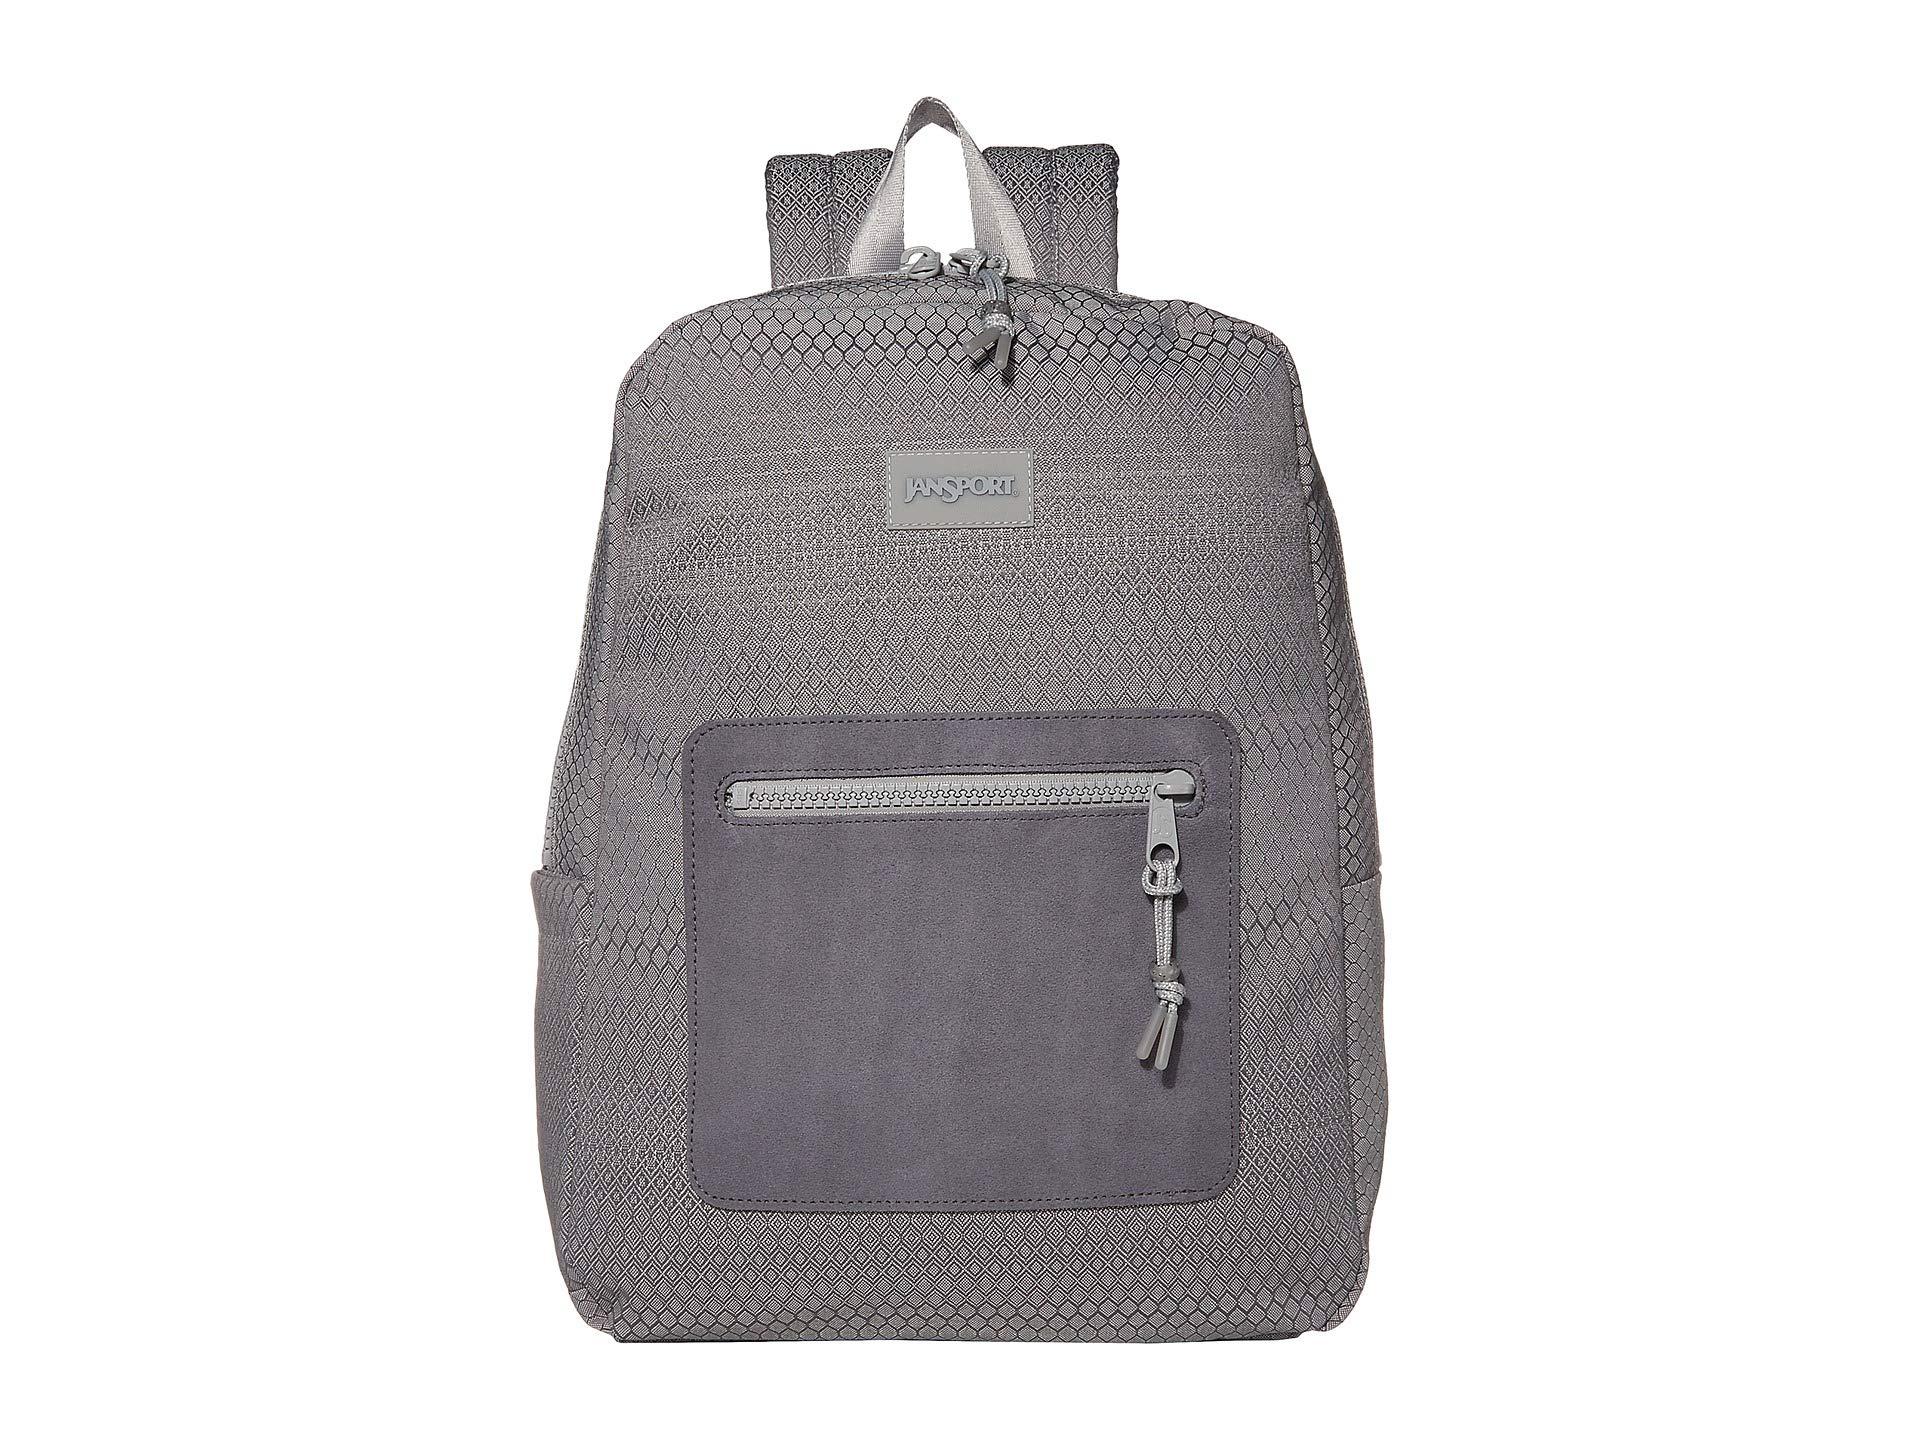 JanSport JanSport Ascent Super FX Backpack